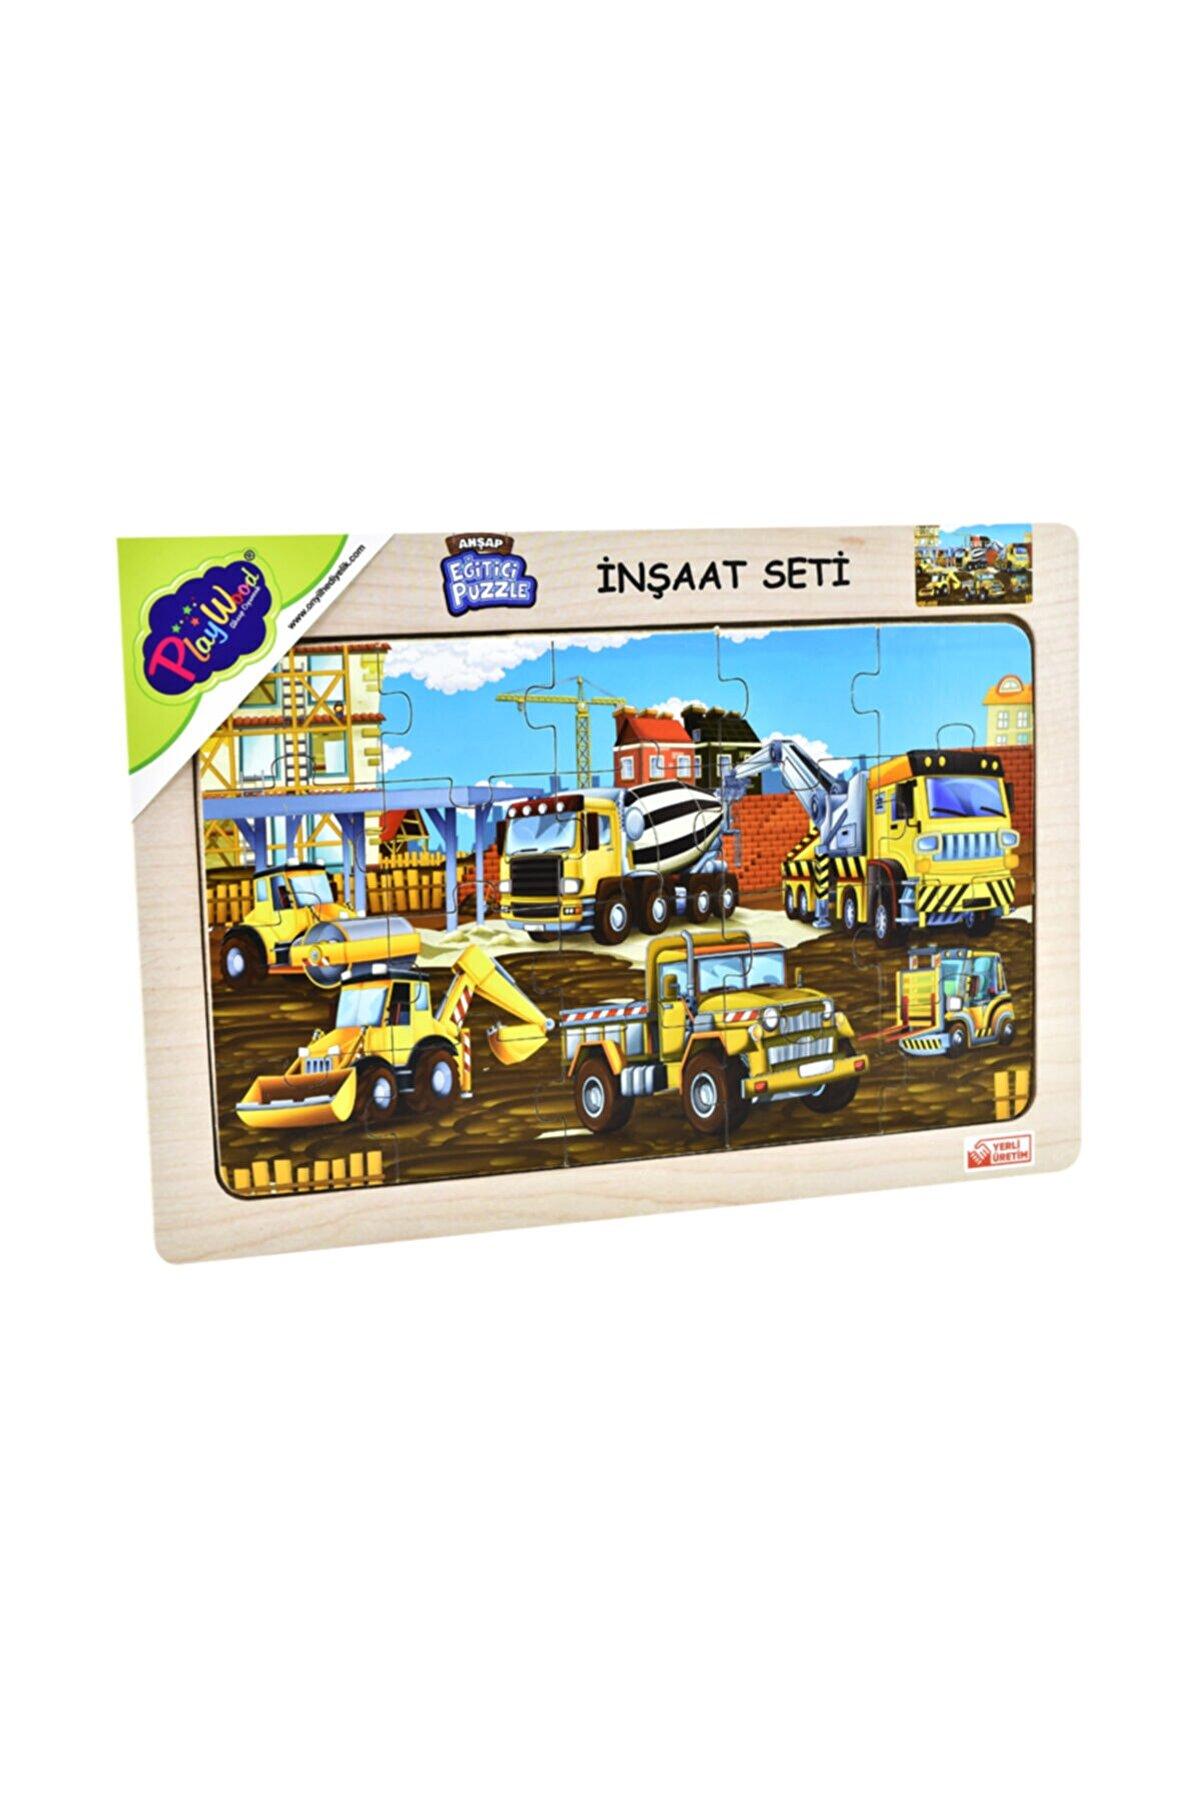 ONYIL OYUNCAK Playwood Ahşap Eğitici Puzzle Inşaat Seti